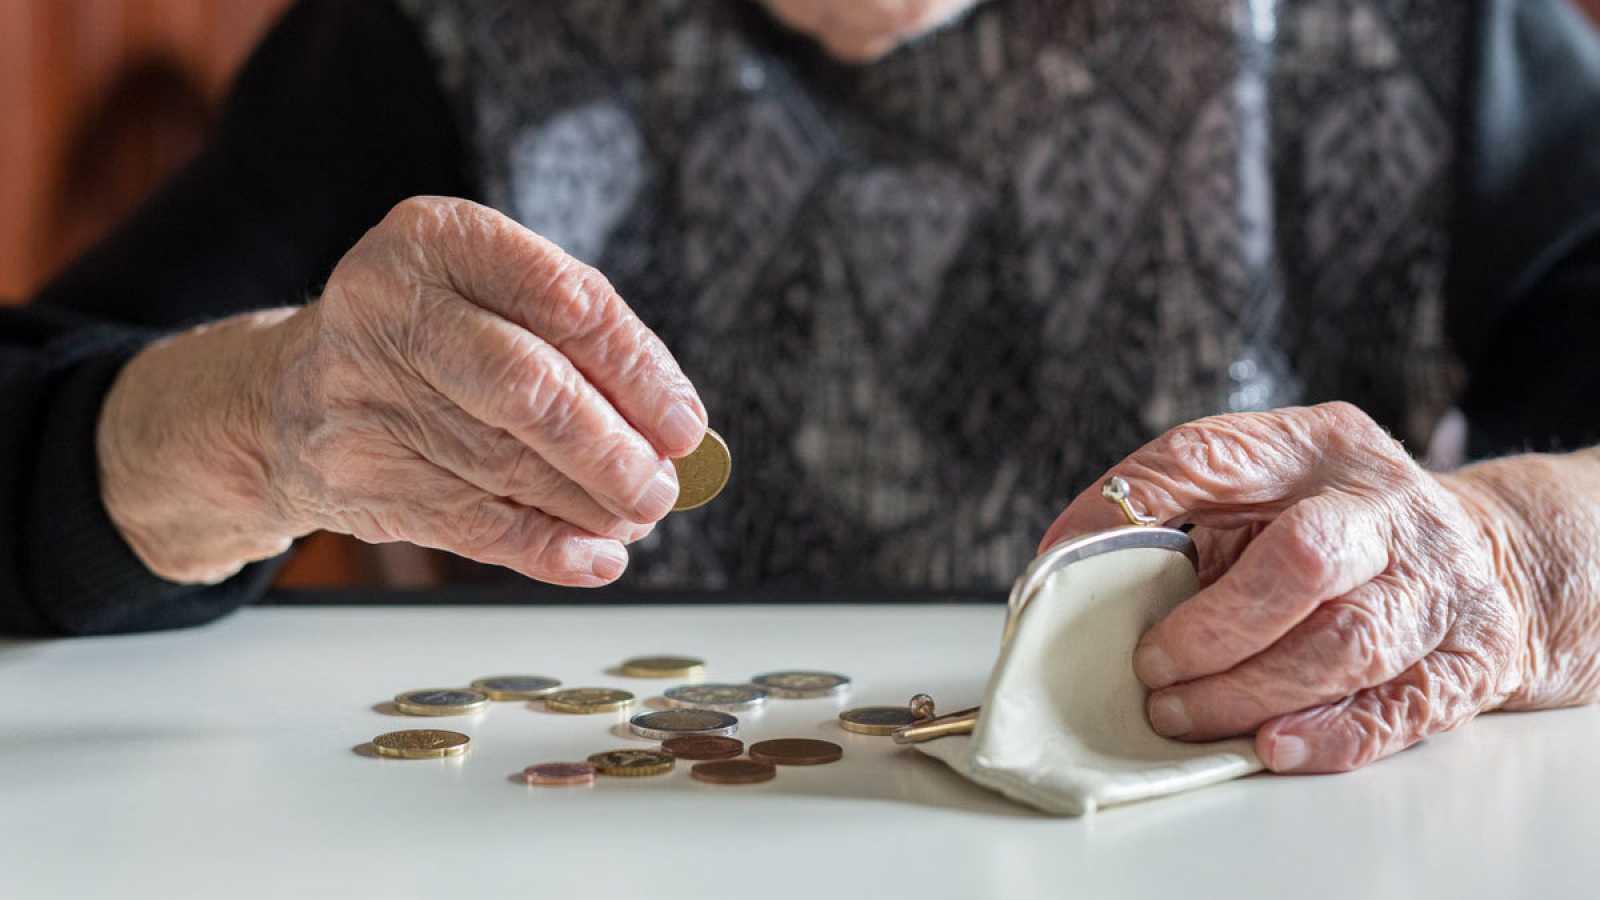 La mitad de provincias no disponen de citas previas para solicitar pensiones de jubilación en los próximos meses